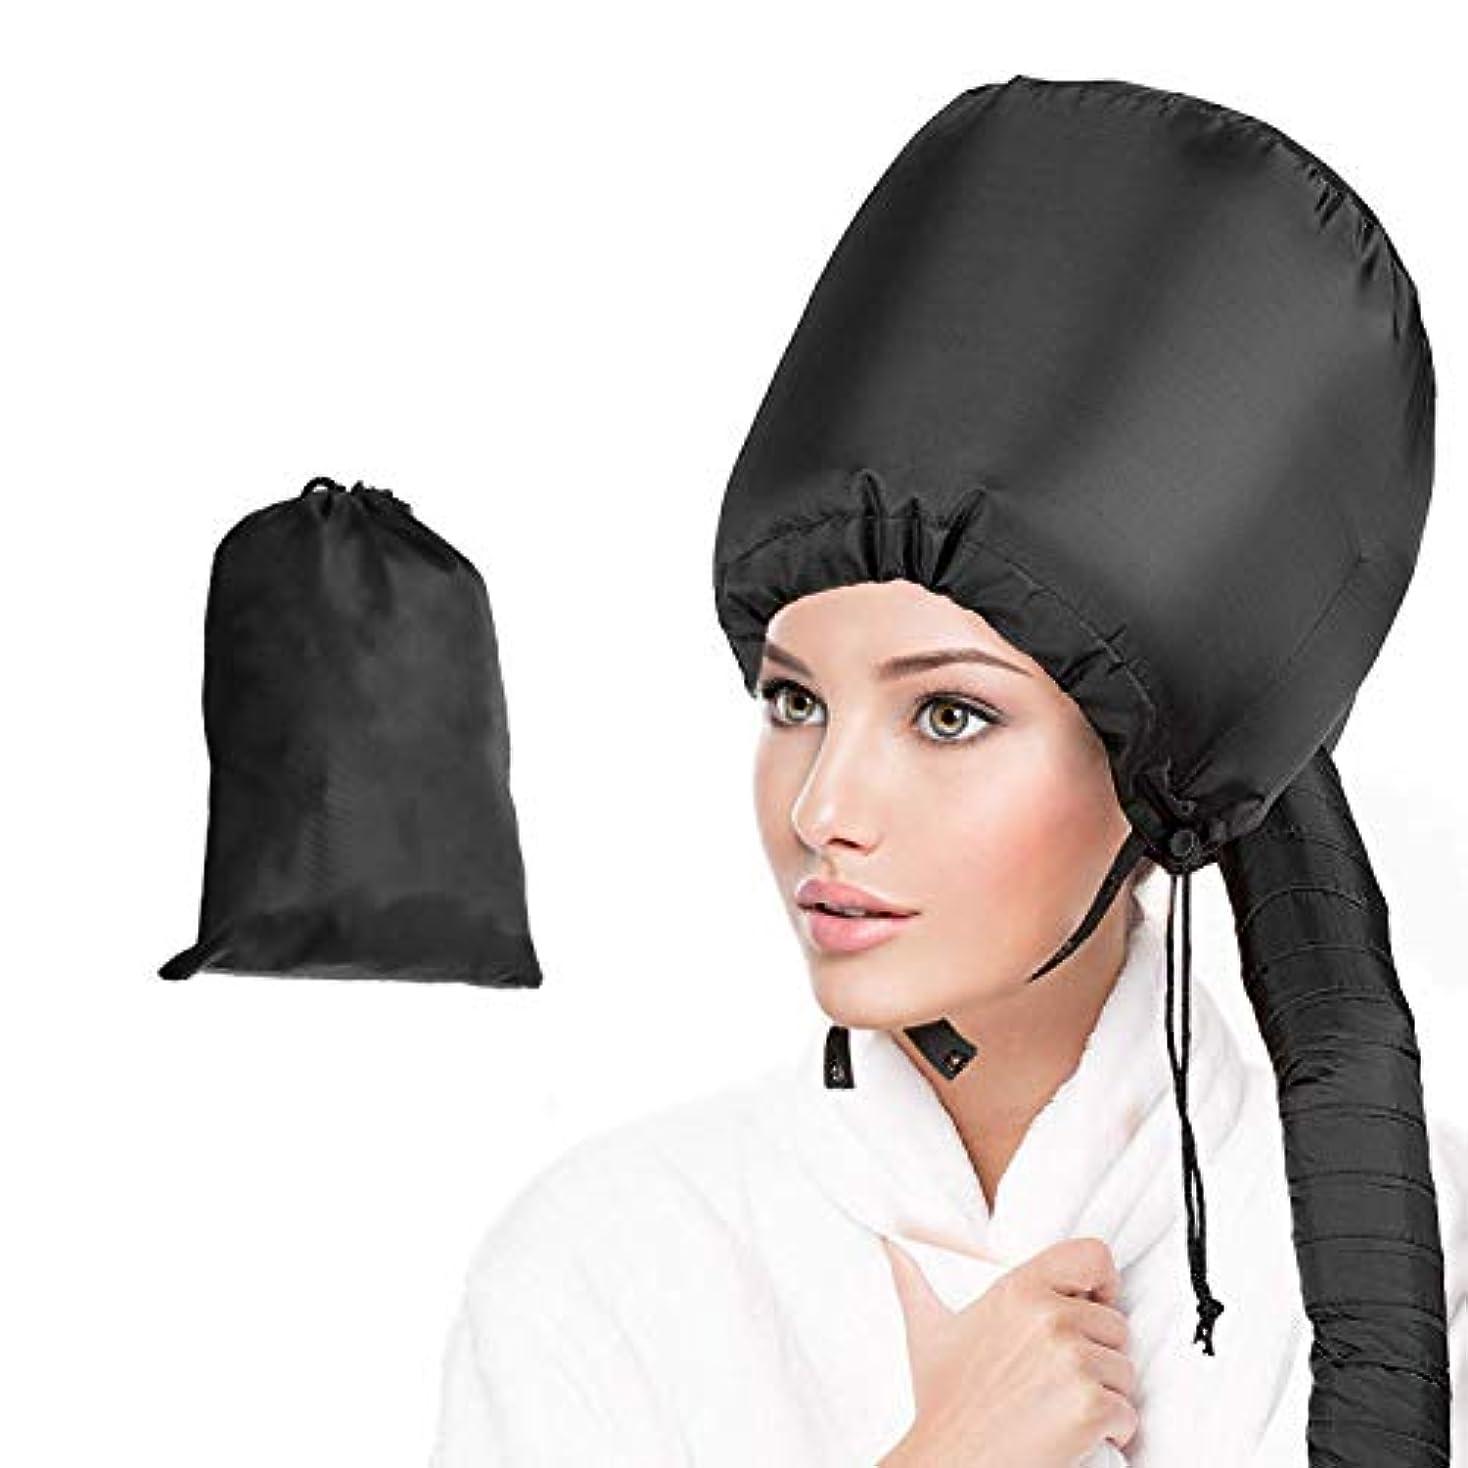 キュービックカリキュラム頂点Weanas ヘアドライヤーキャップ 髪干し帽子 髪ケア ホームサロン 携帯収納ケース付き